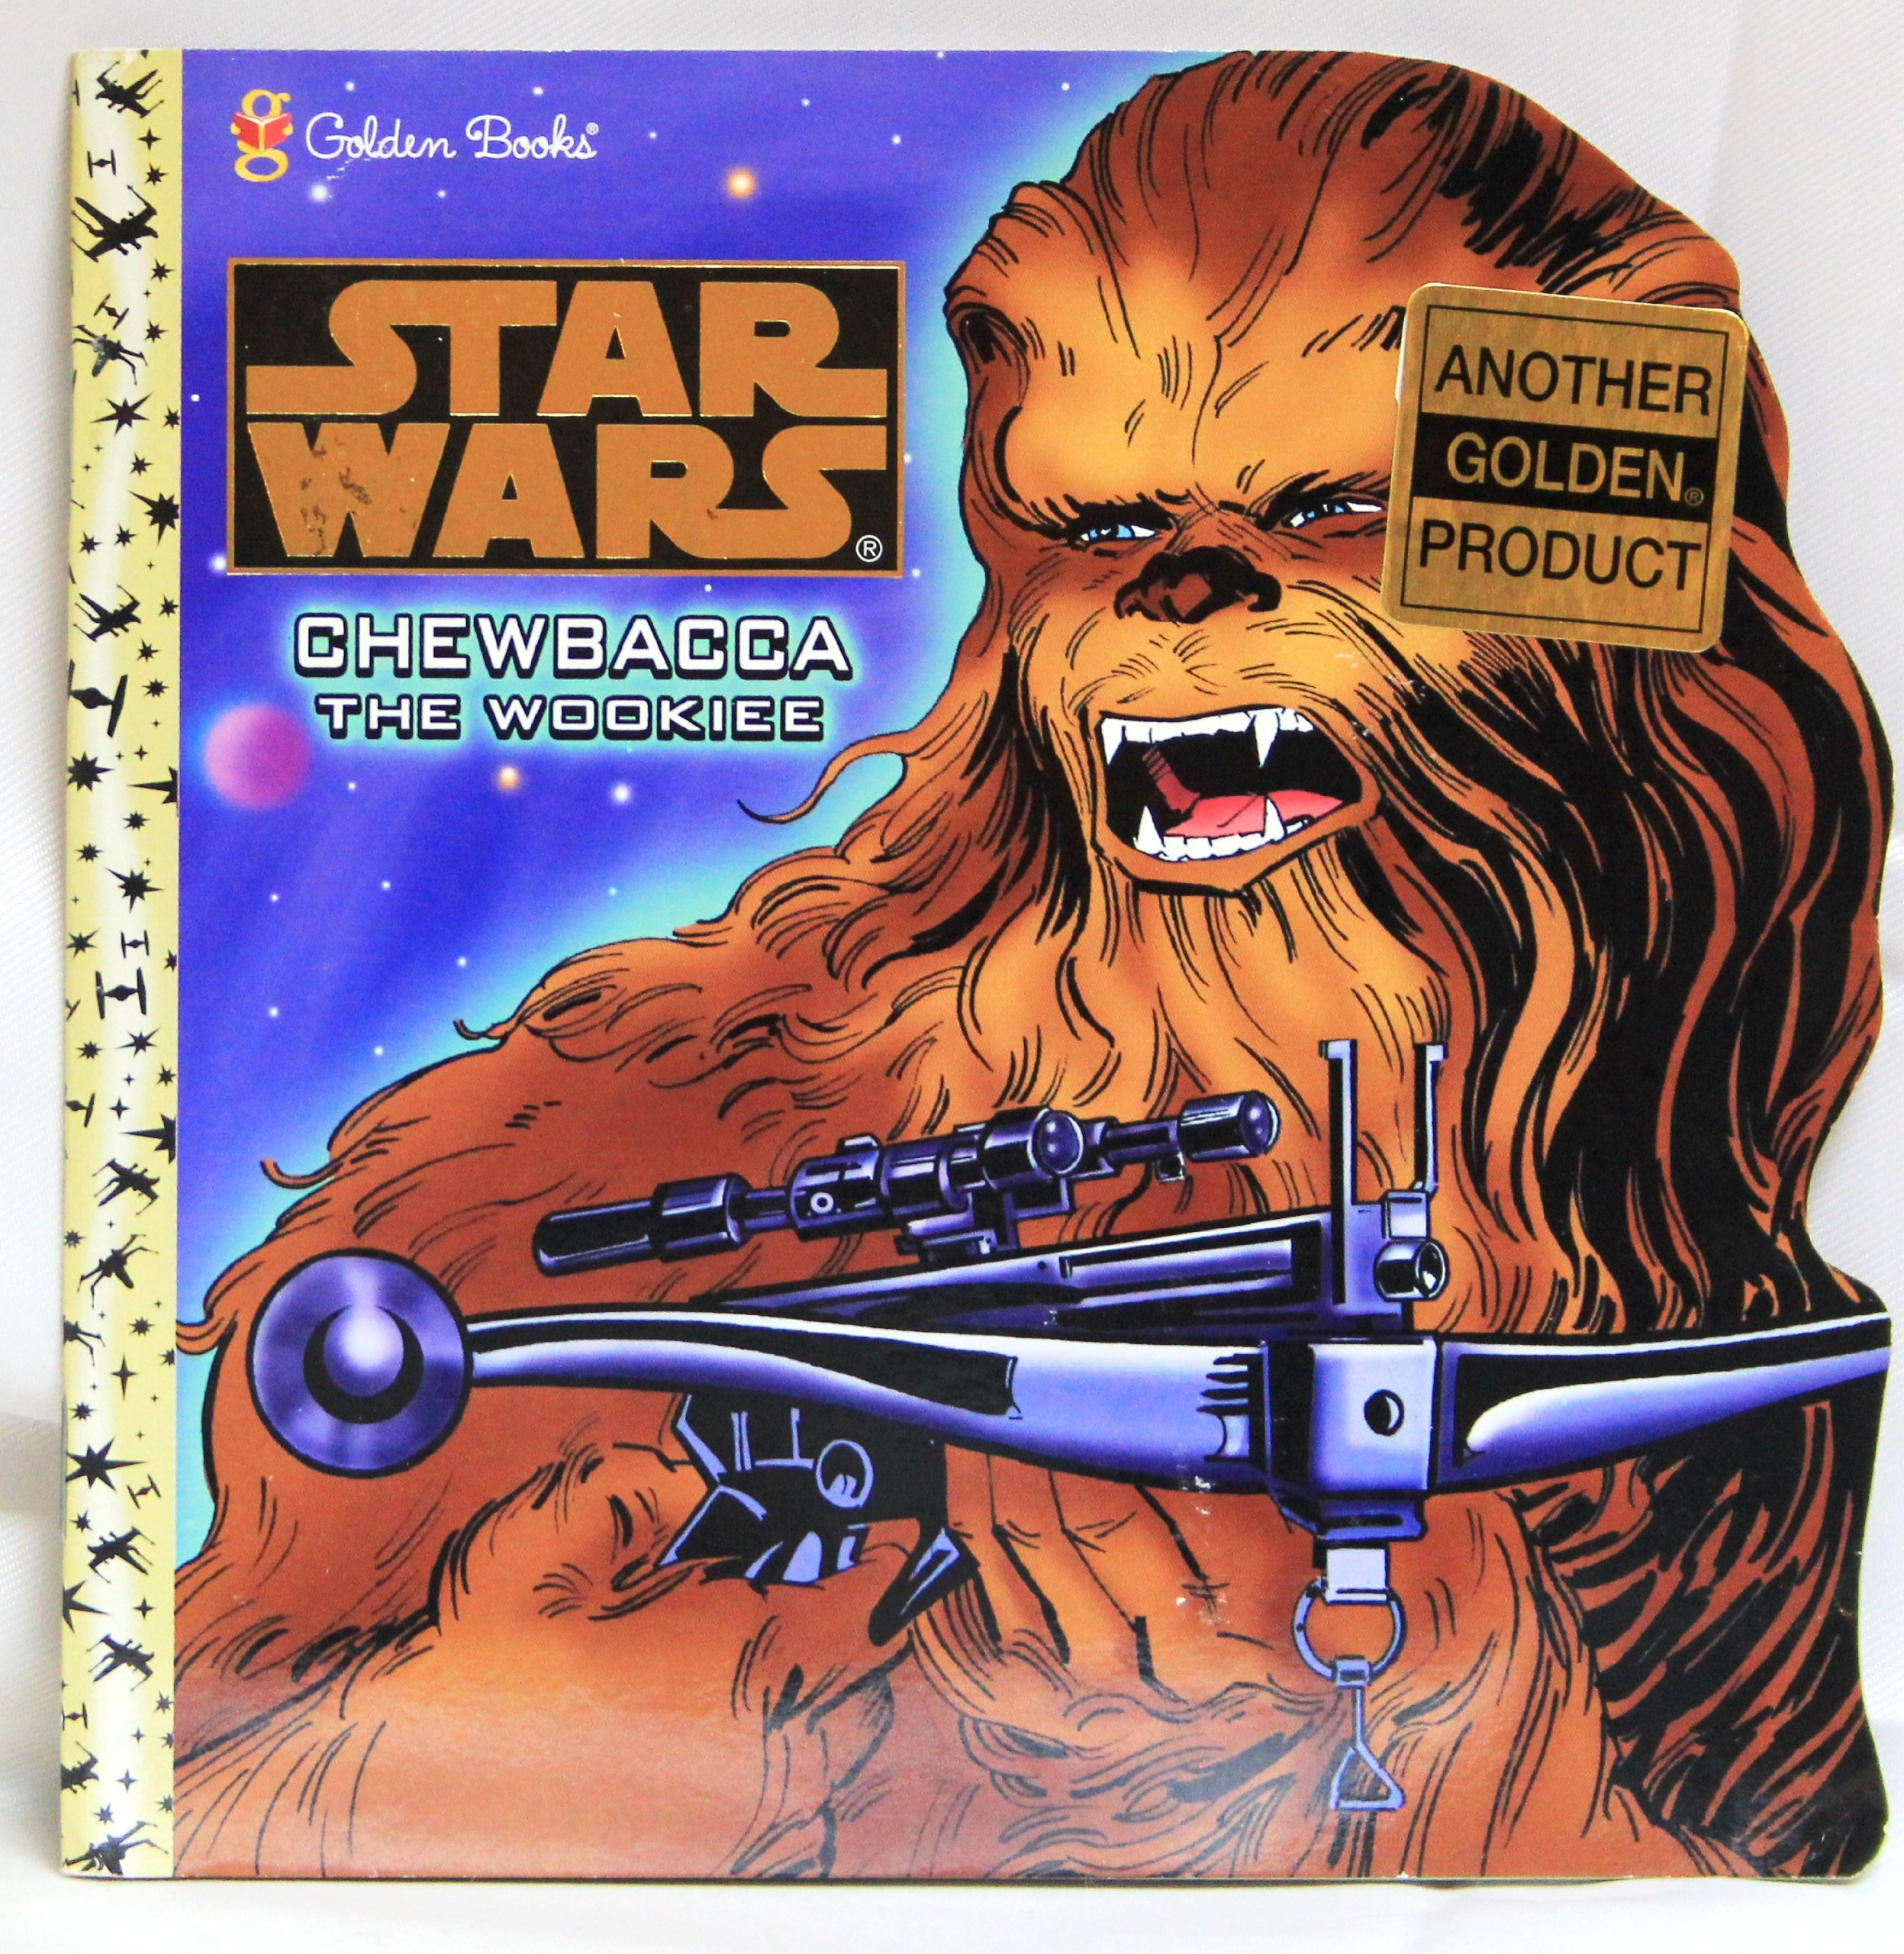 Chewbacca the Wookie (Star Wars): Art Ruiz: 9780307103383: Amazon.com: Books